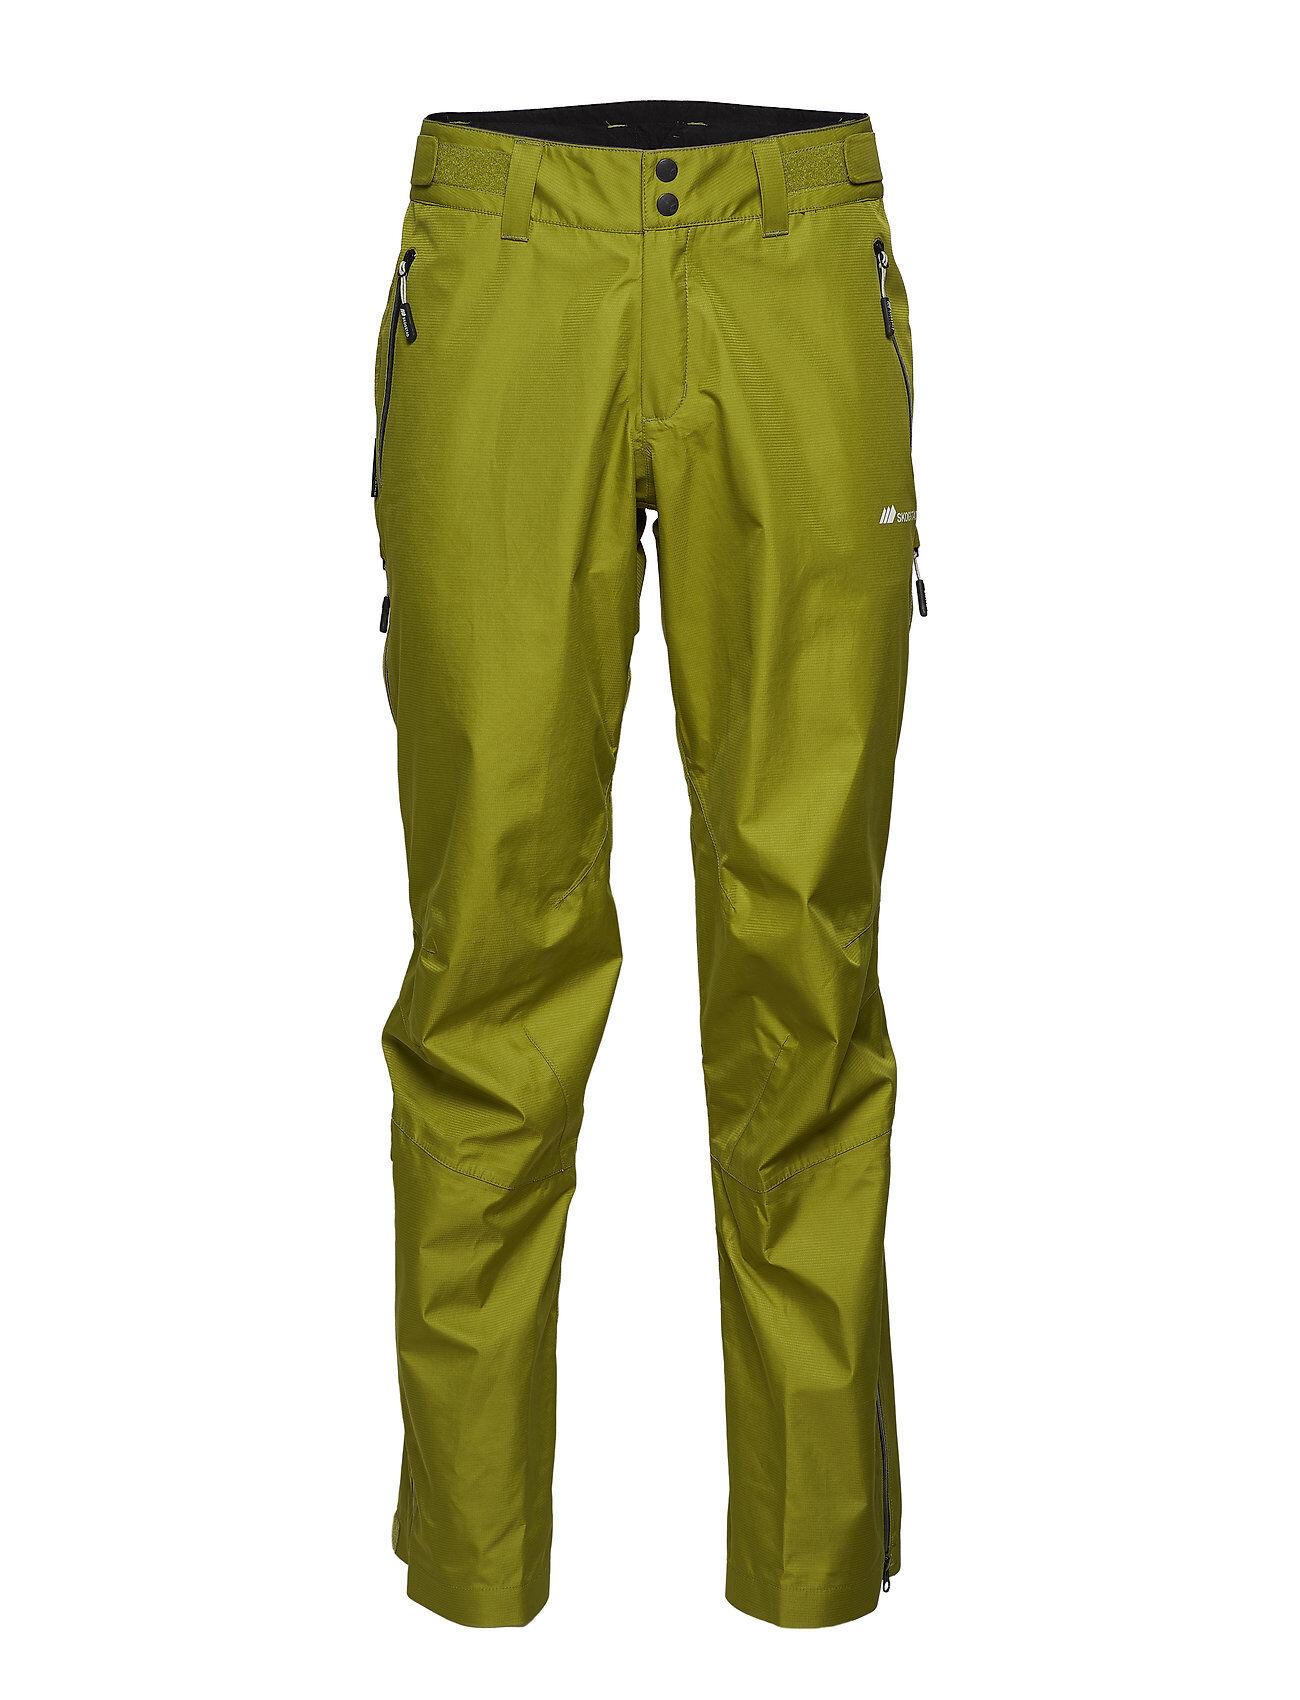 Skogstad Horgi 3-Layer Technical Shell Trouser